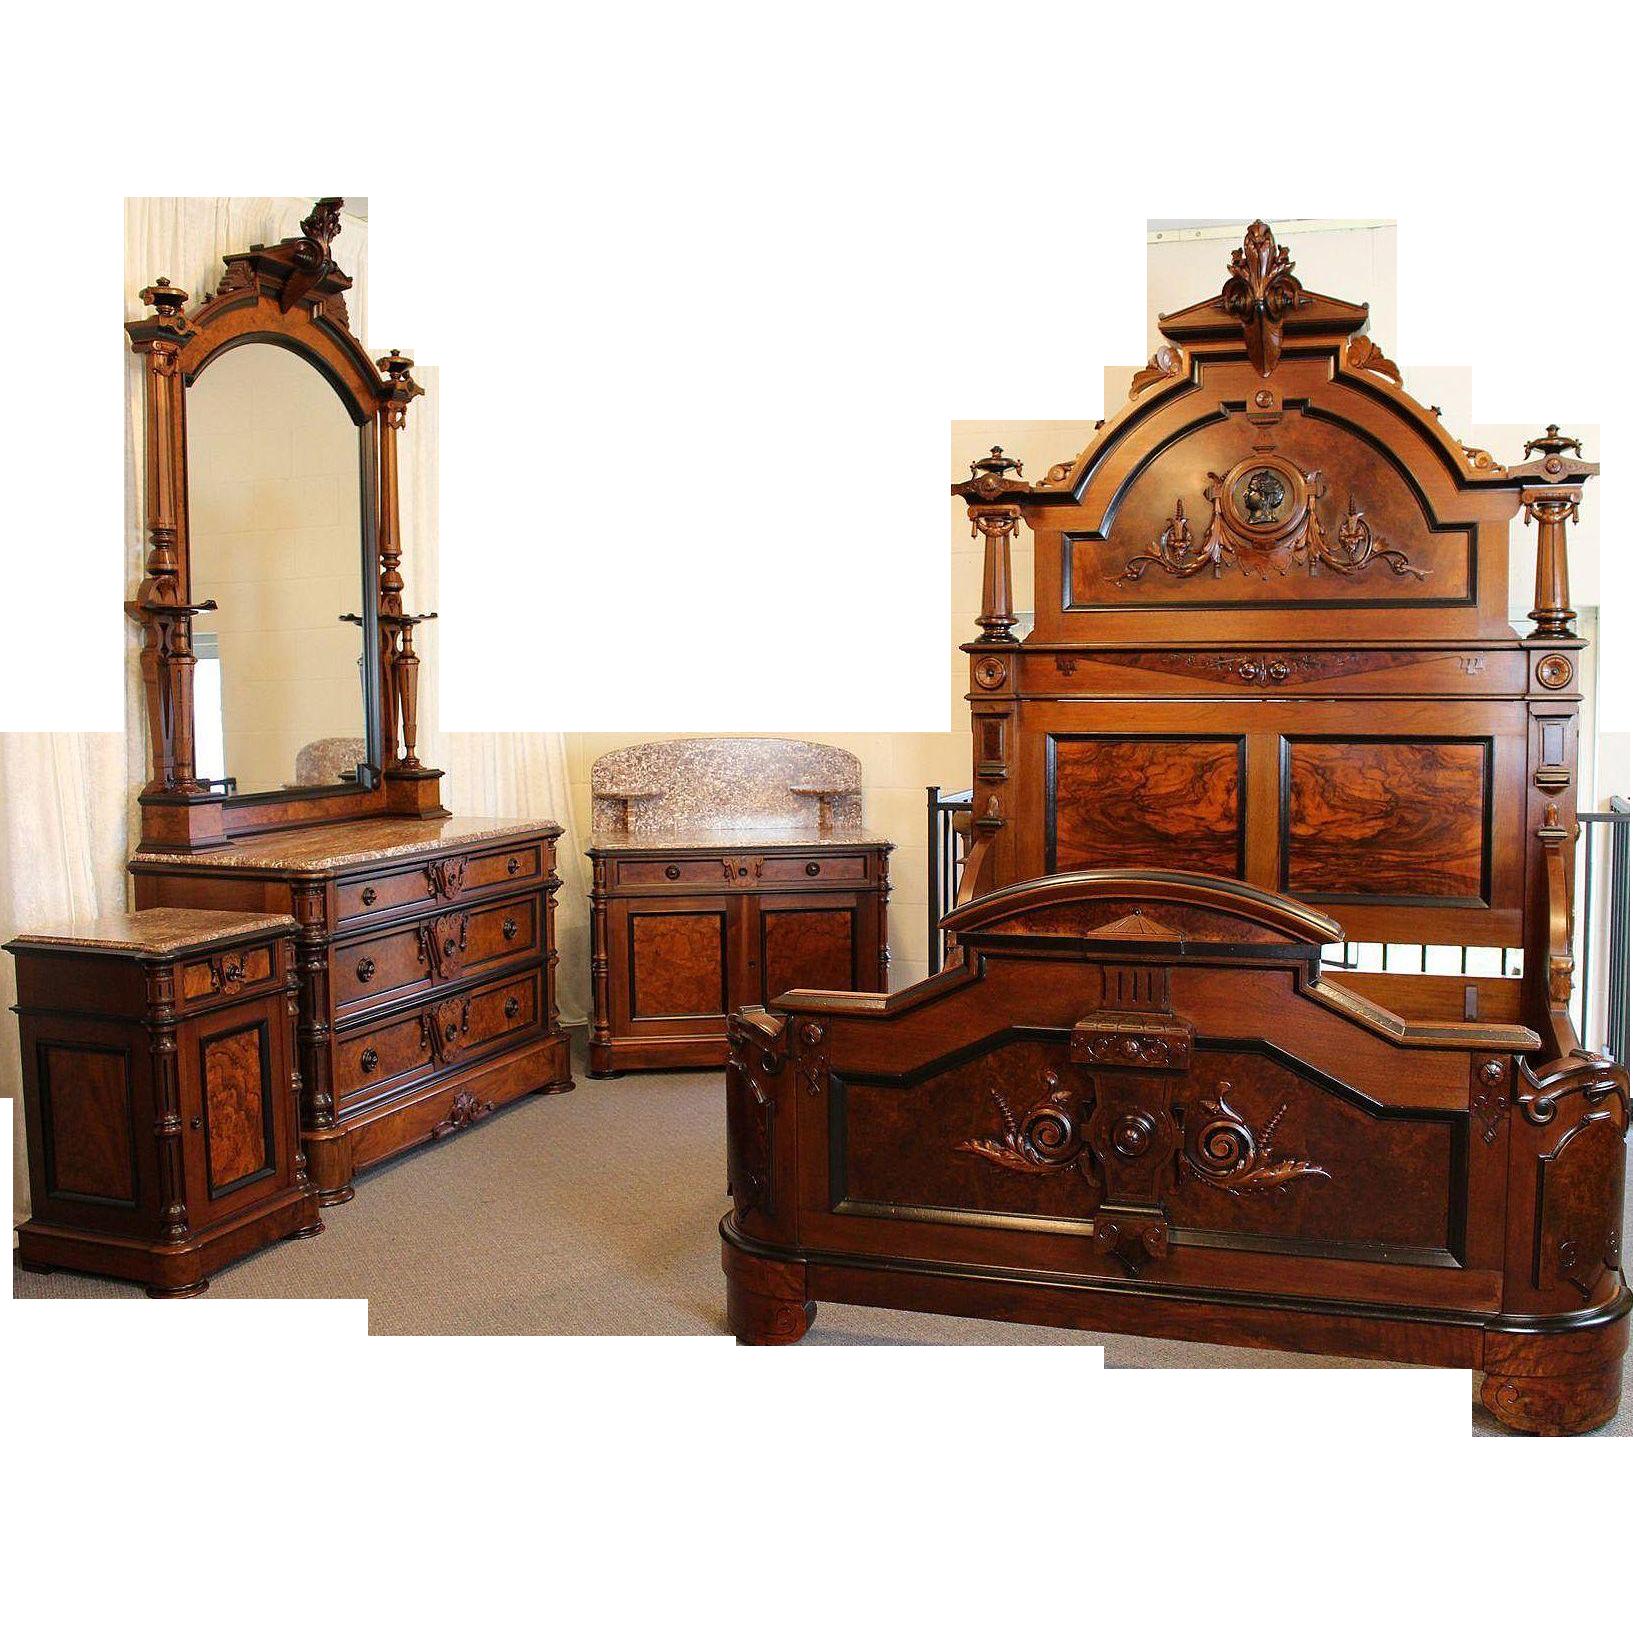 Victorian Bedroom: American Victorian Bedroom Suite C. 1870's Renaissance